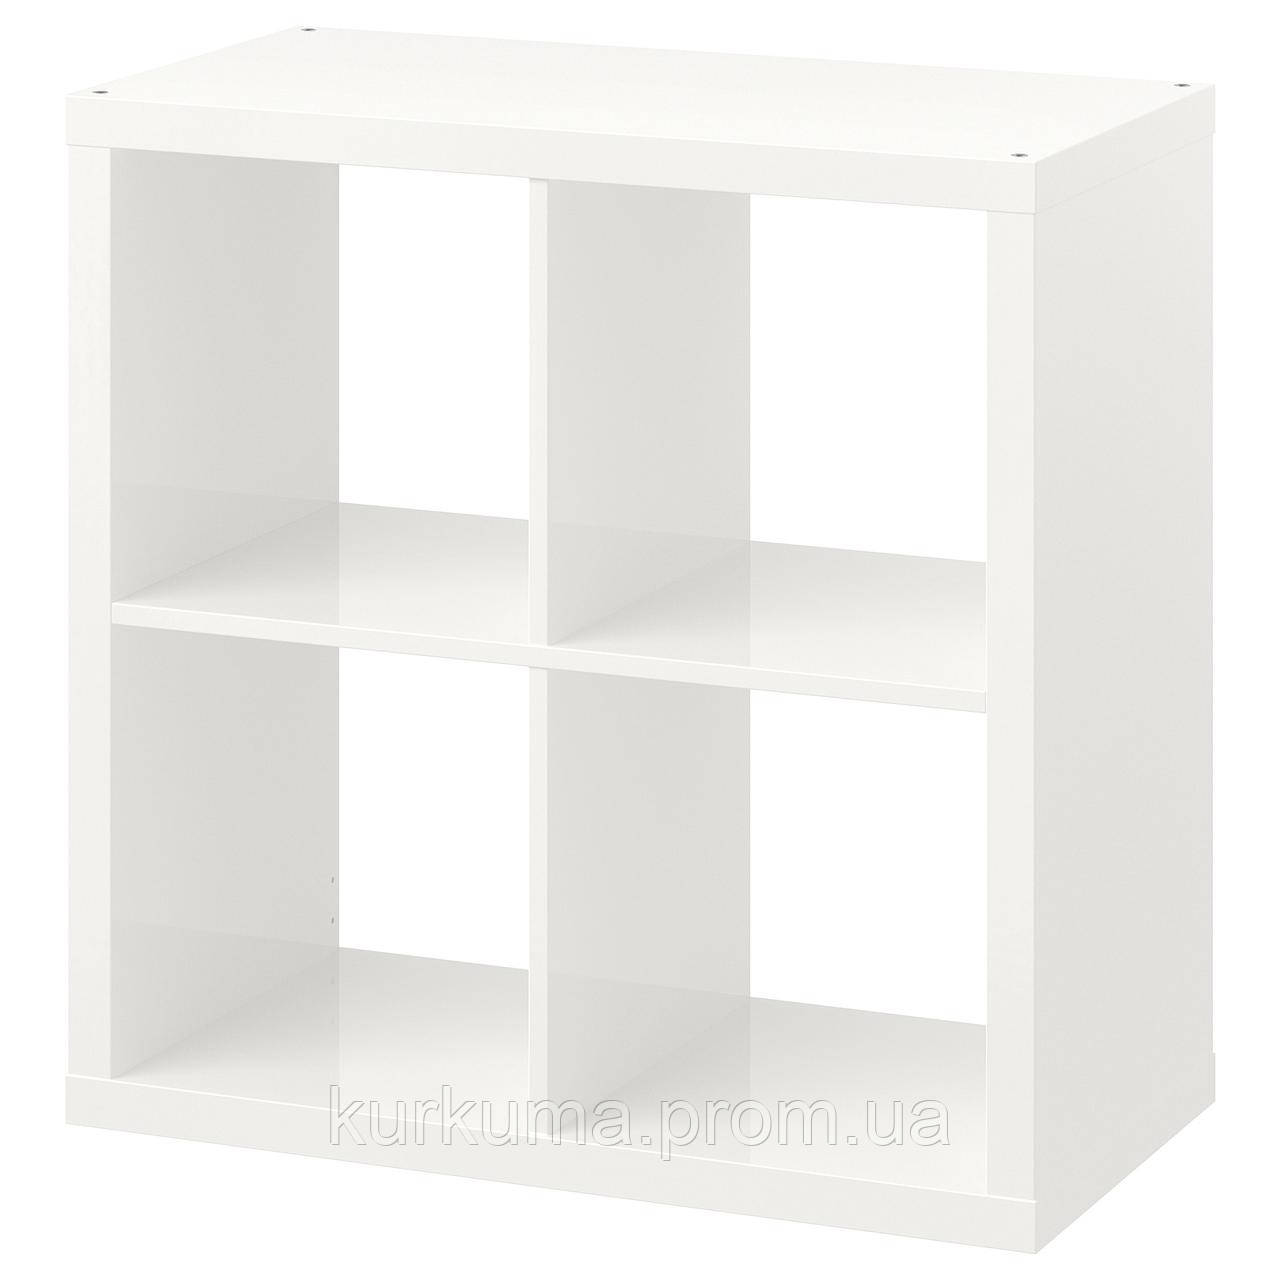 IKEA KALLAX Стеллаж, глянцевый белый  (503.057.39)